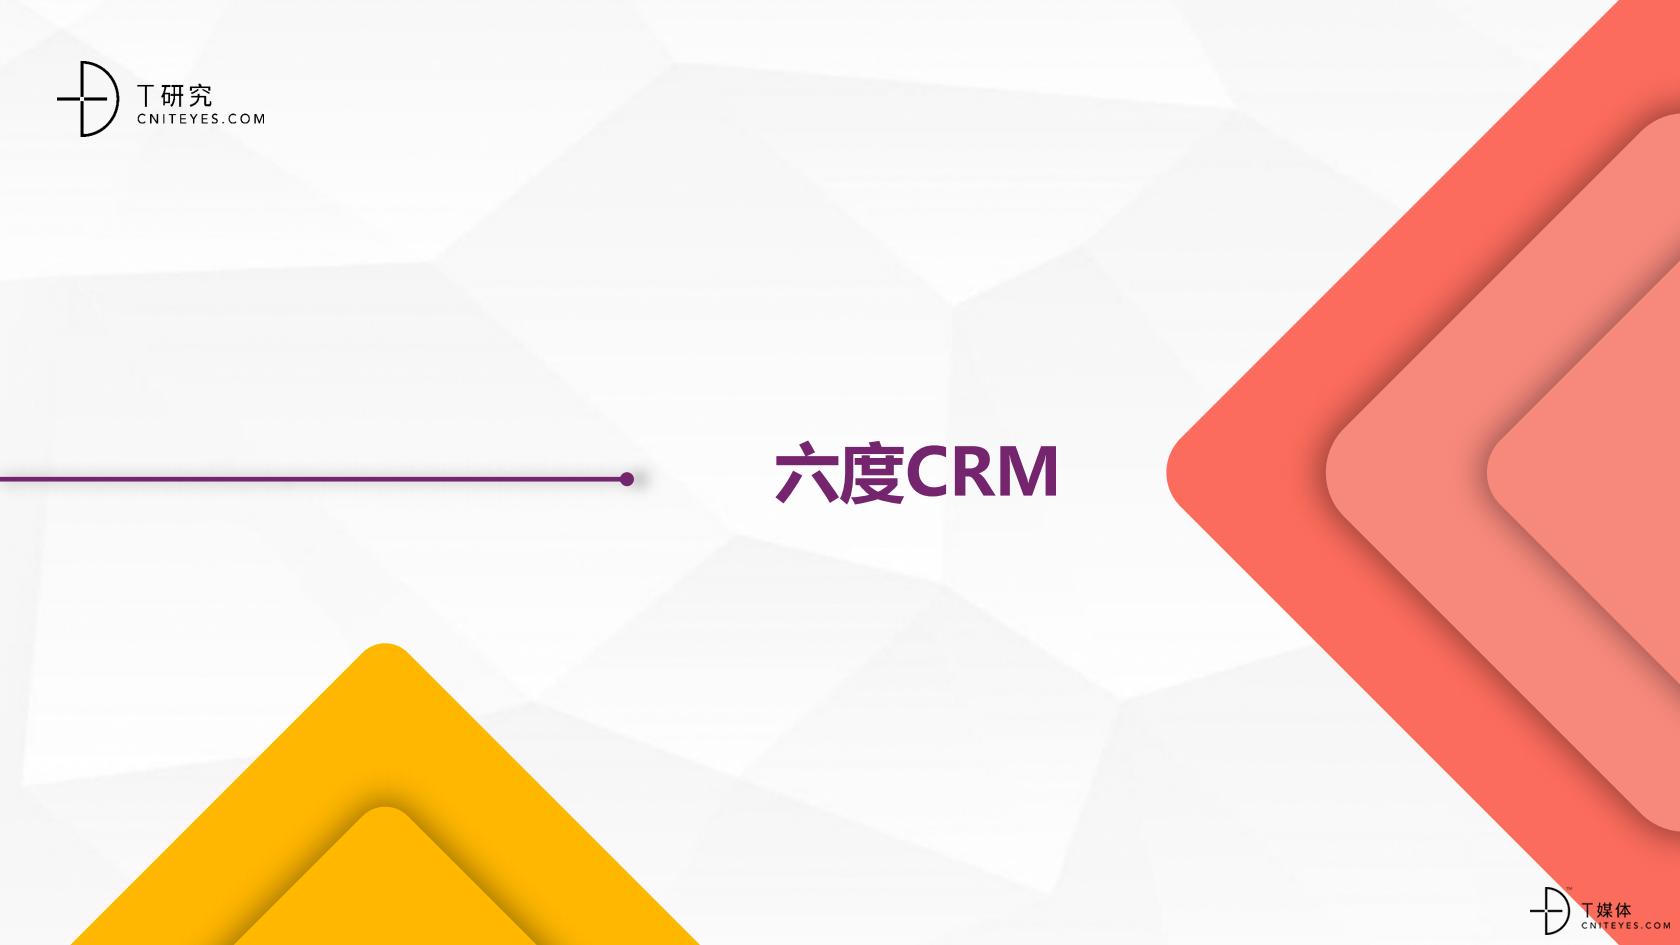 2_2020中国CRM指数测评报告v1.5_27.png